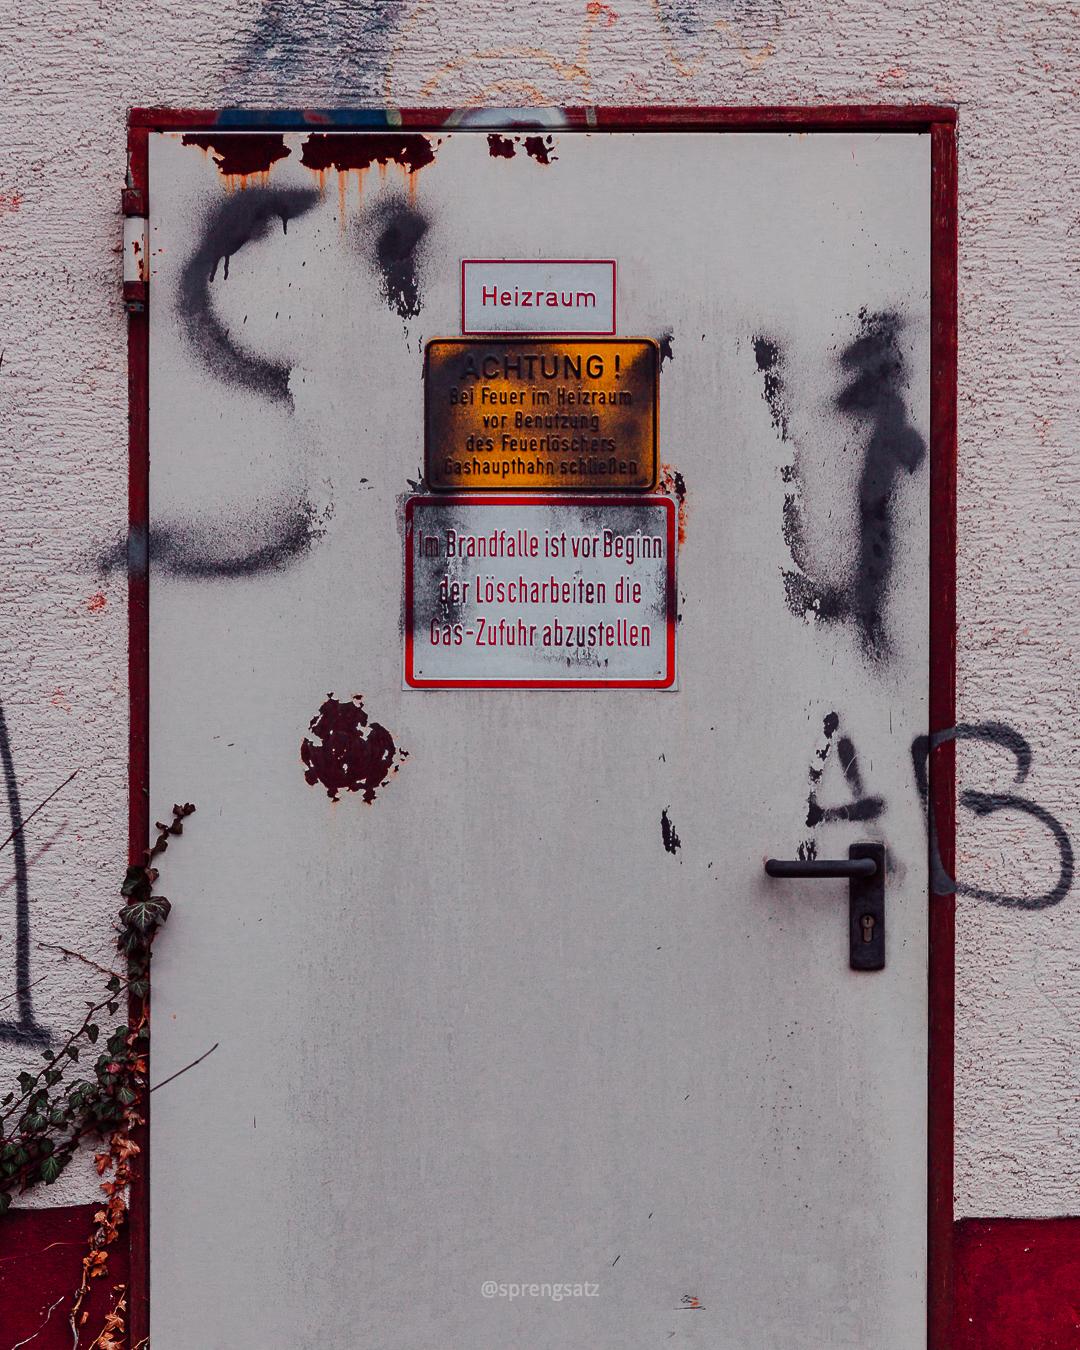 Brandschutztür zum Heizraum der Pfrimmhalle (Albisheim)